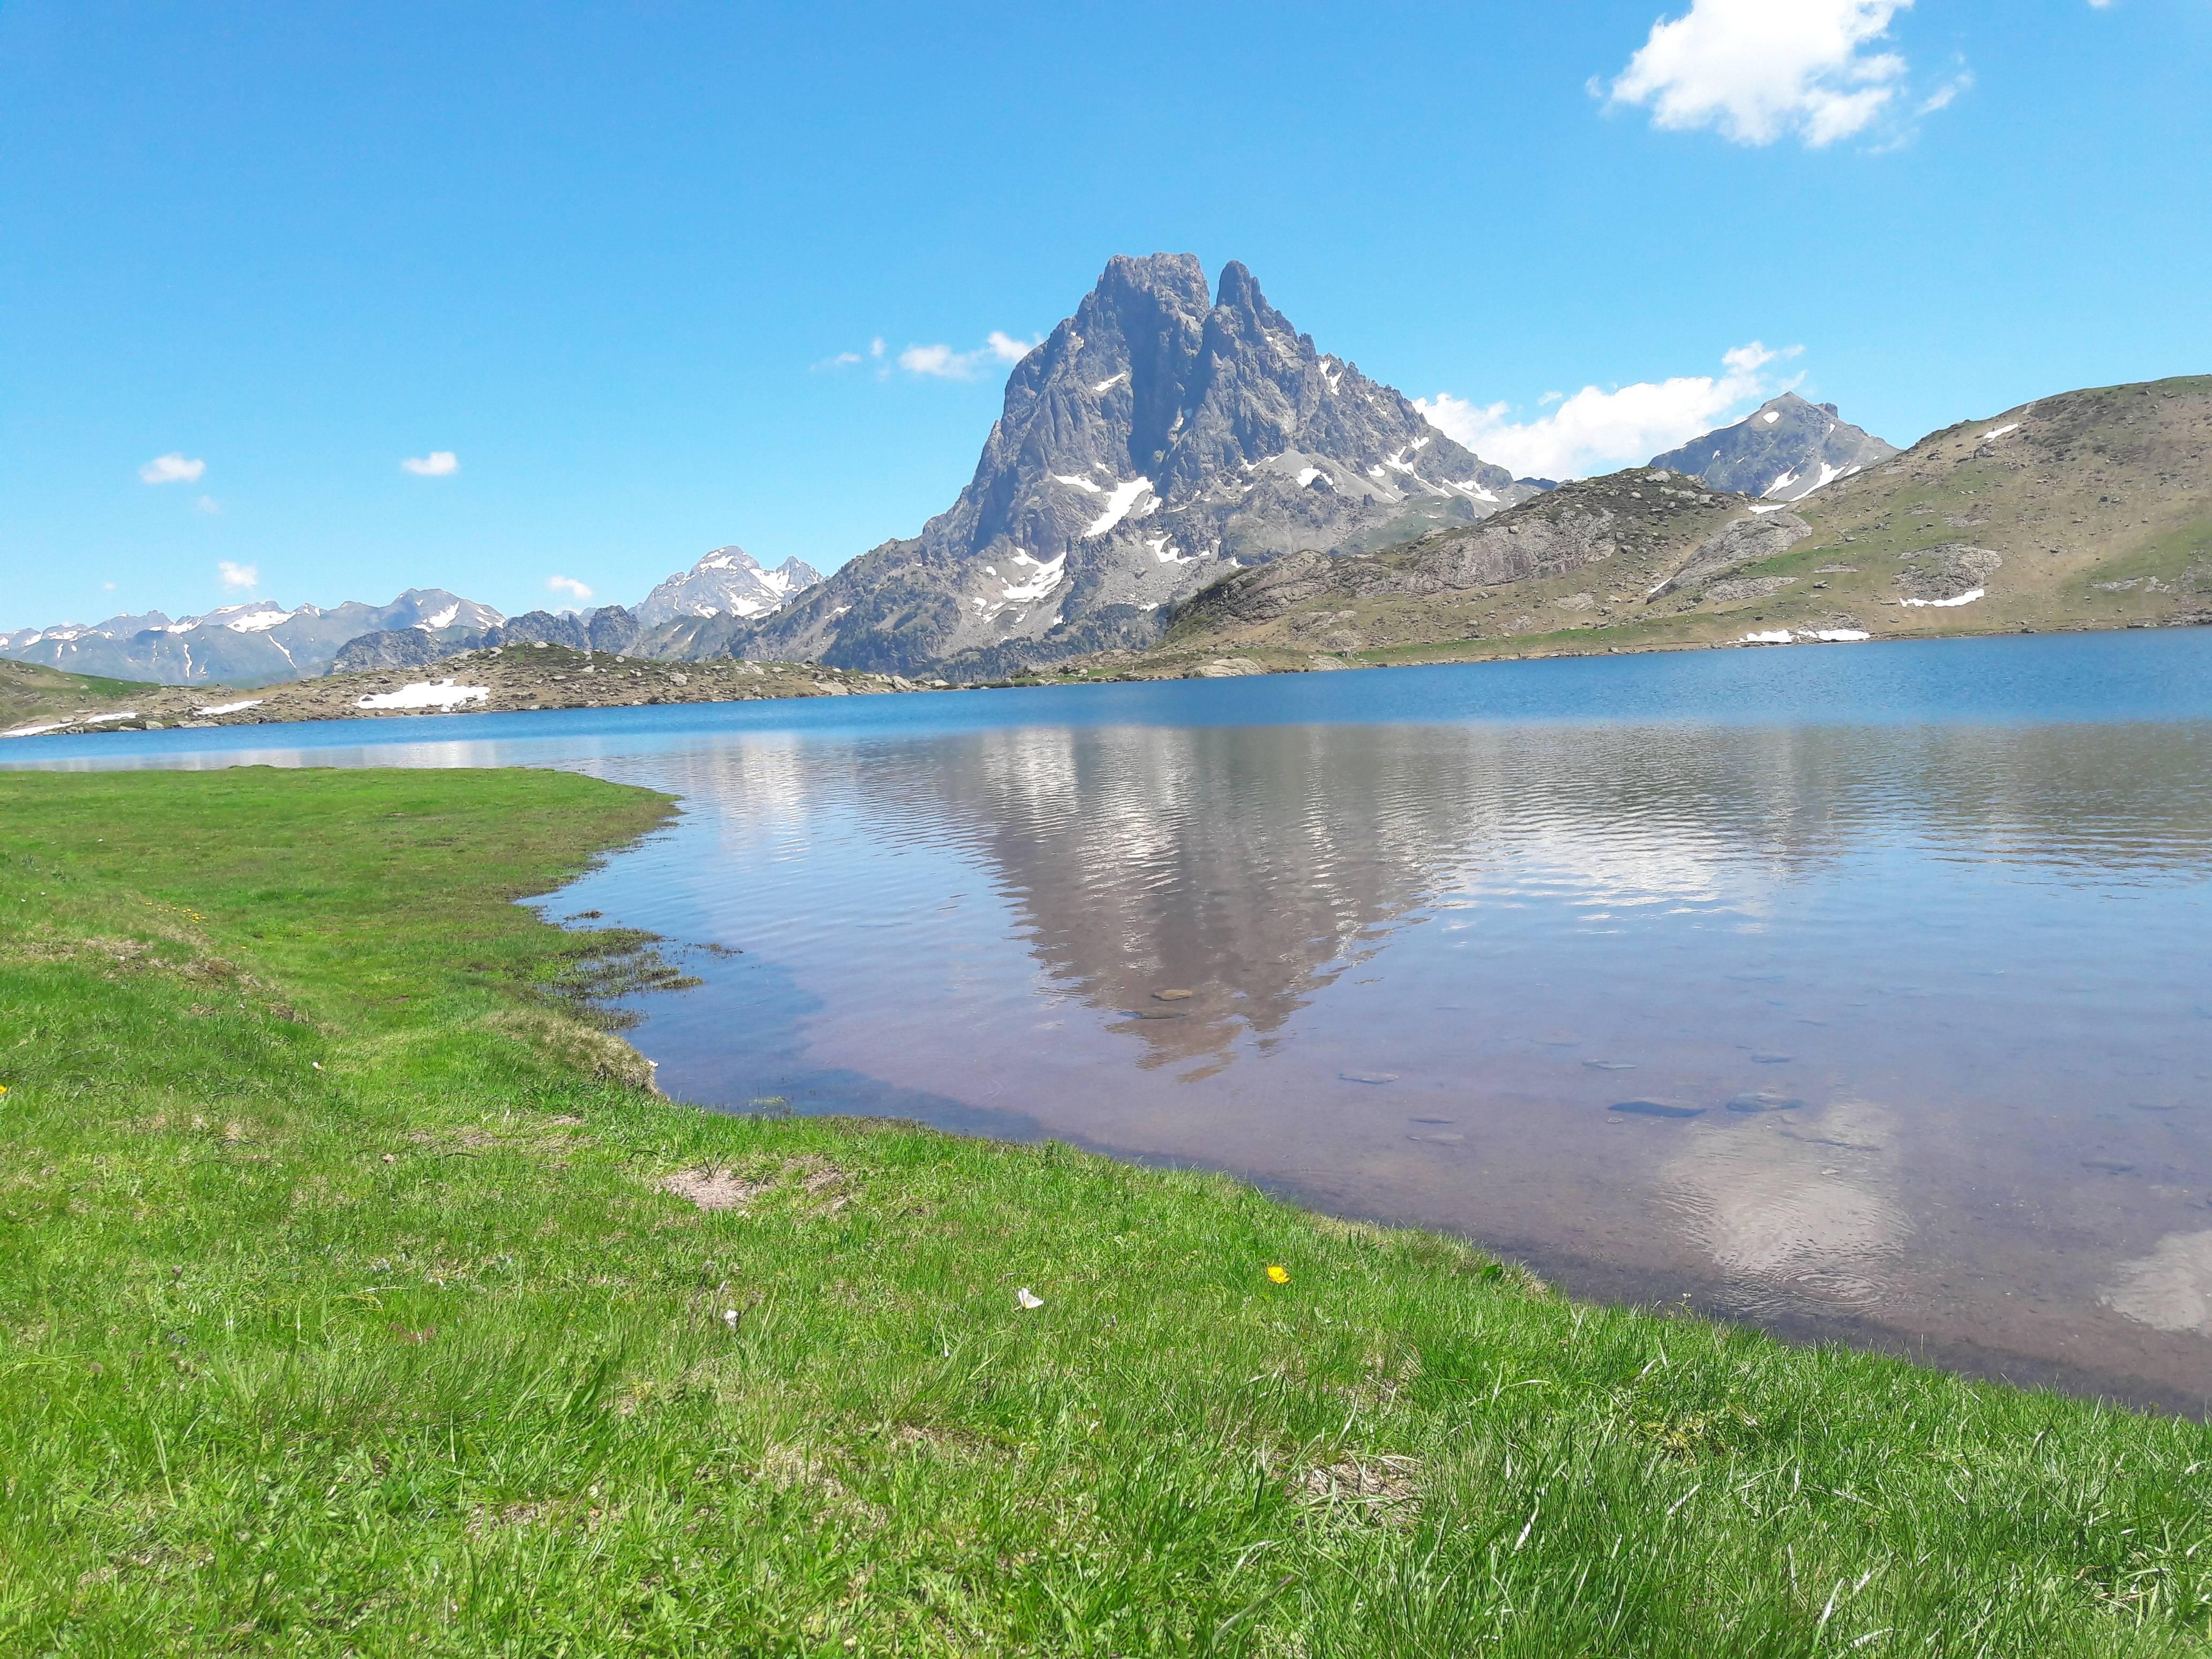 Photo 1: Tour des lacs d'Ayous, paysages incroyables !